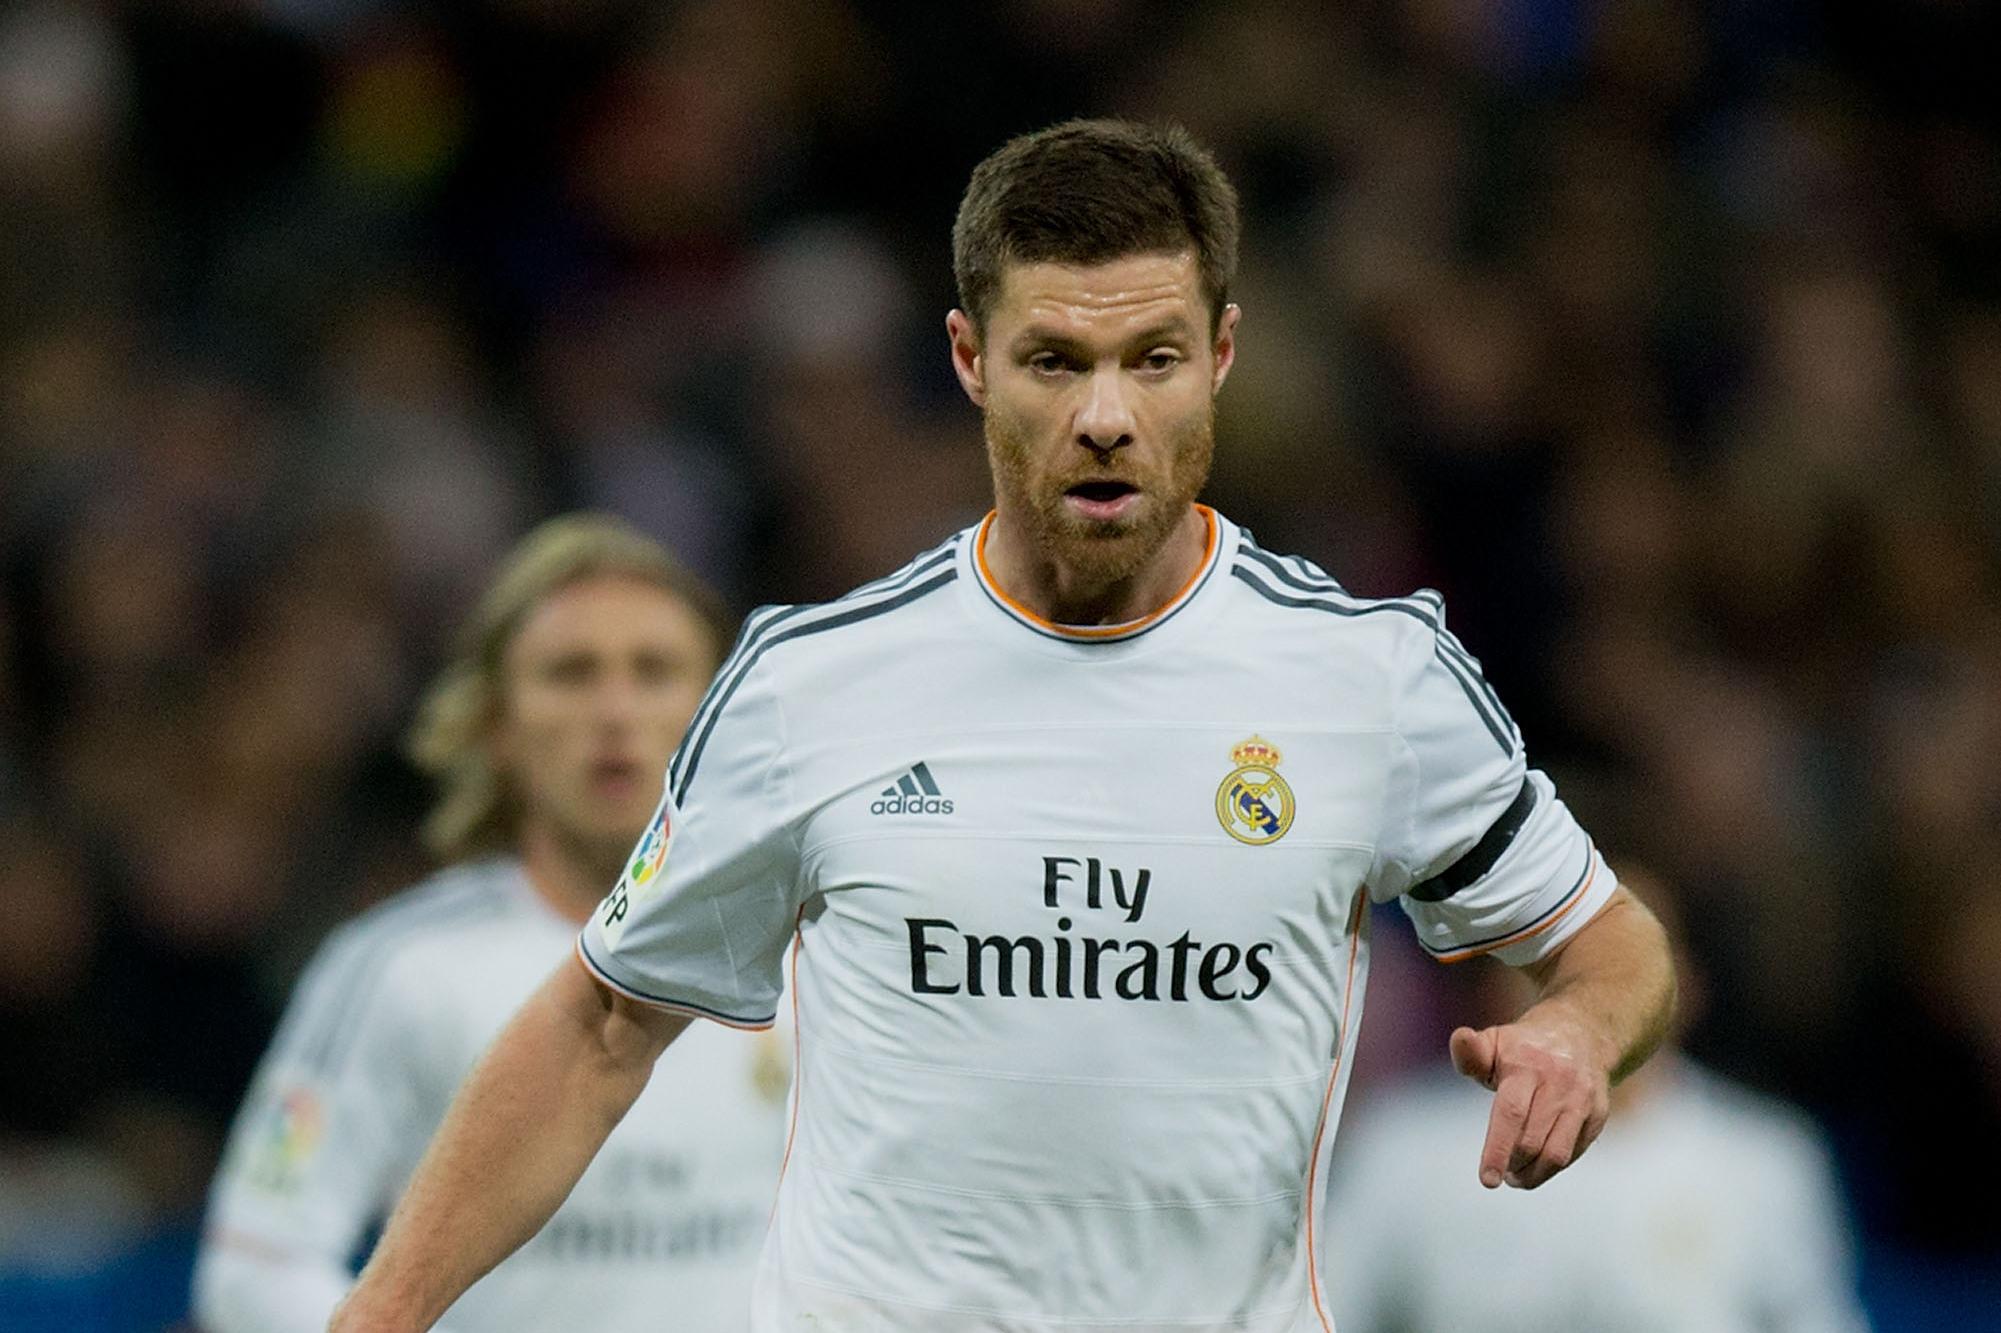 Eks Bintang Real Madrid Ini Dua Kali Menang Sengketa Pajak